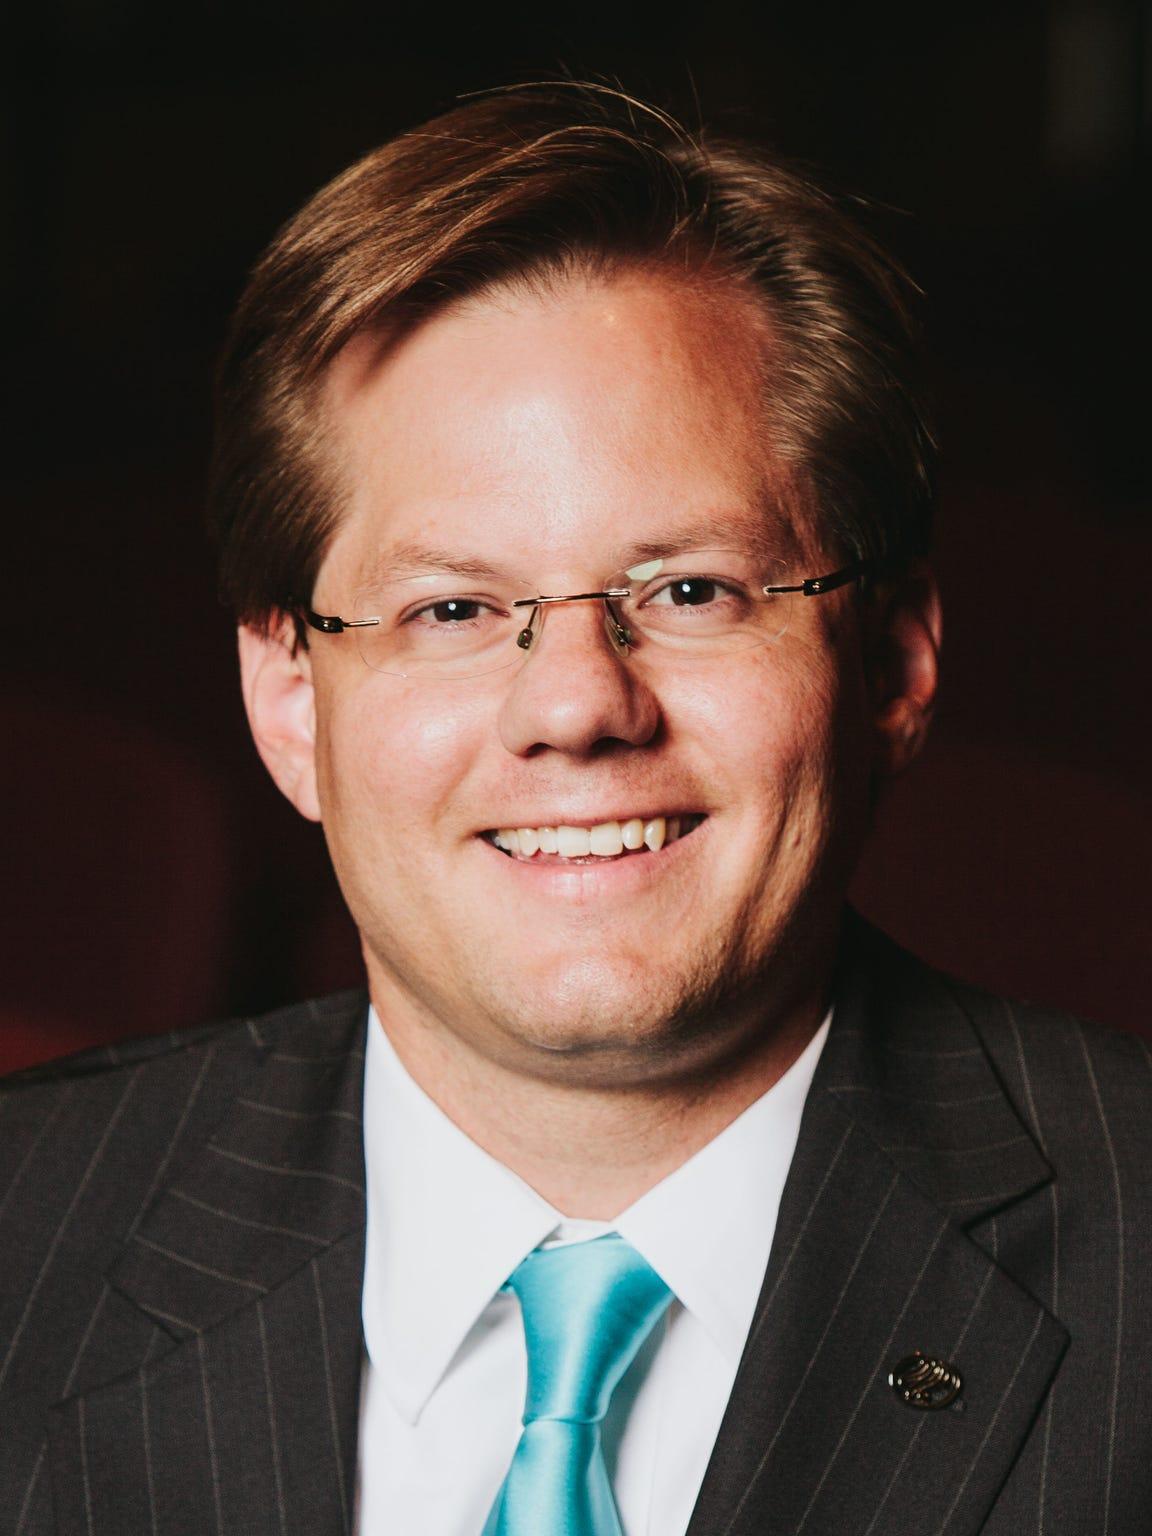 Matt Largen